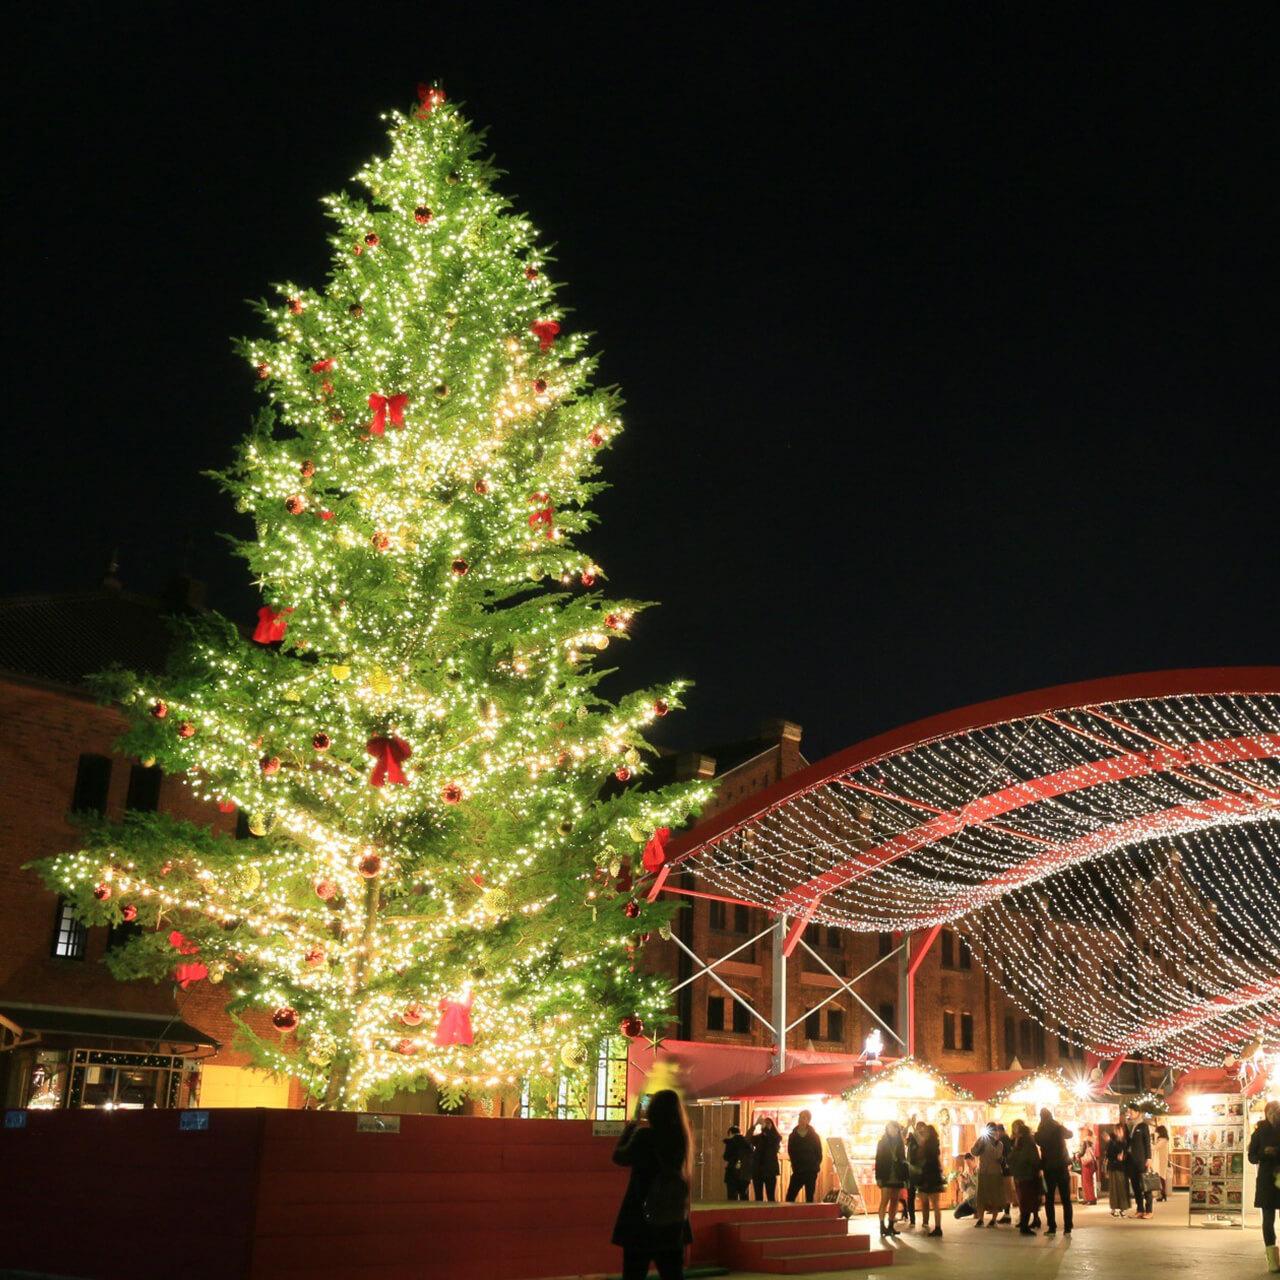 今年も本場ドイツのクリスマス気分を。横浜赤レンガ倉庫で「クリスマスマーケット」が開催中